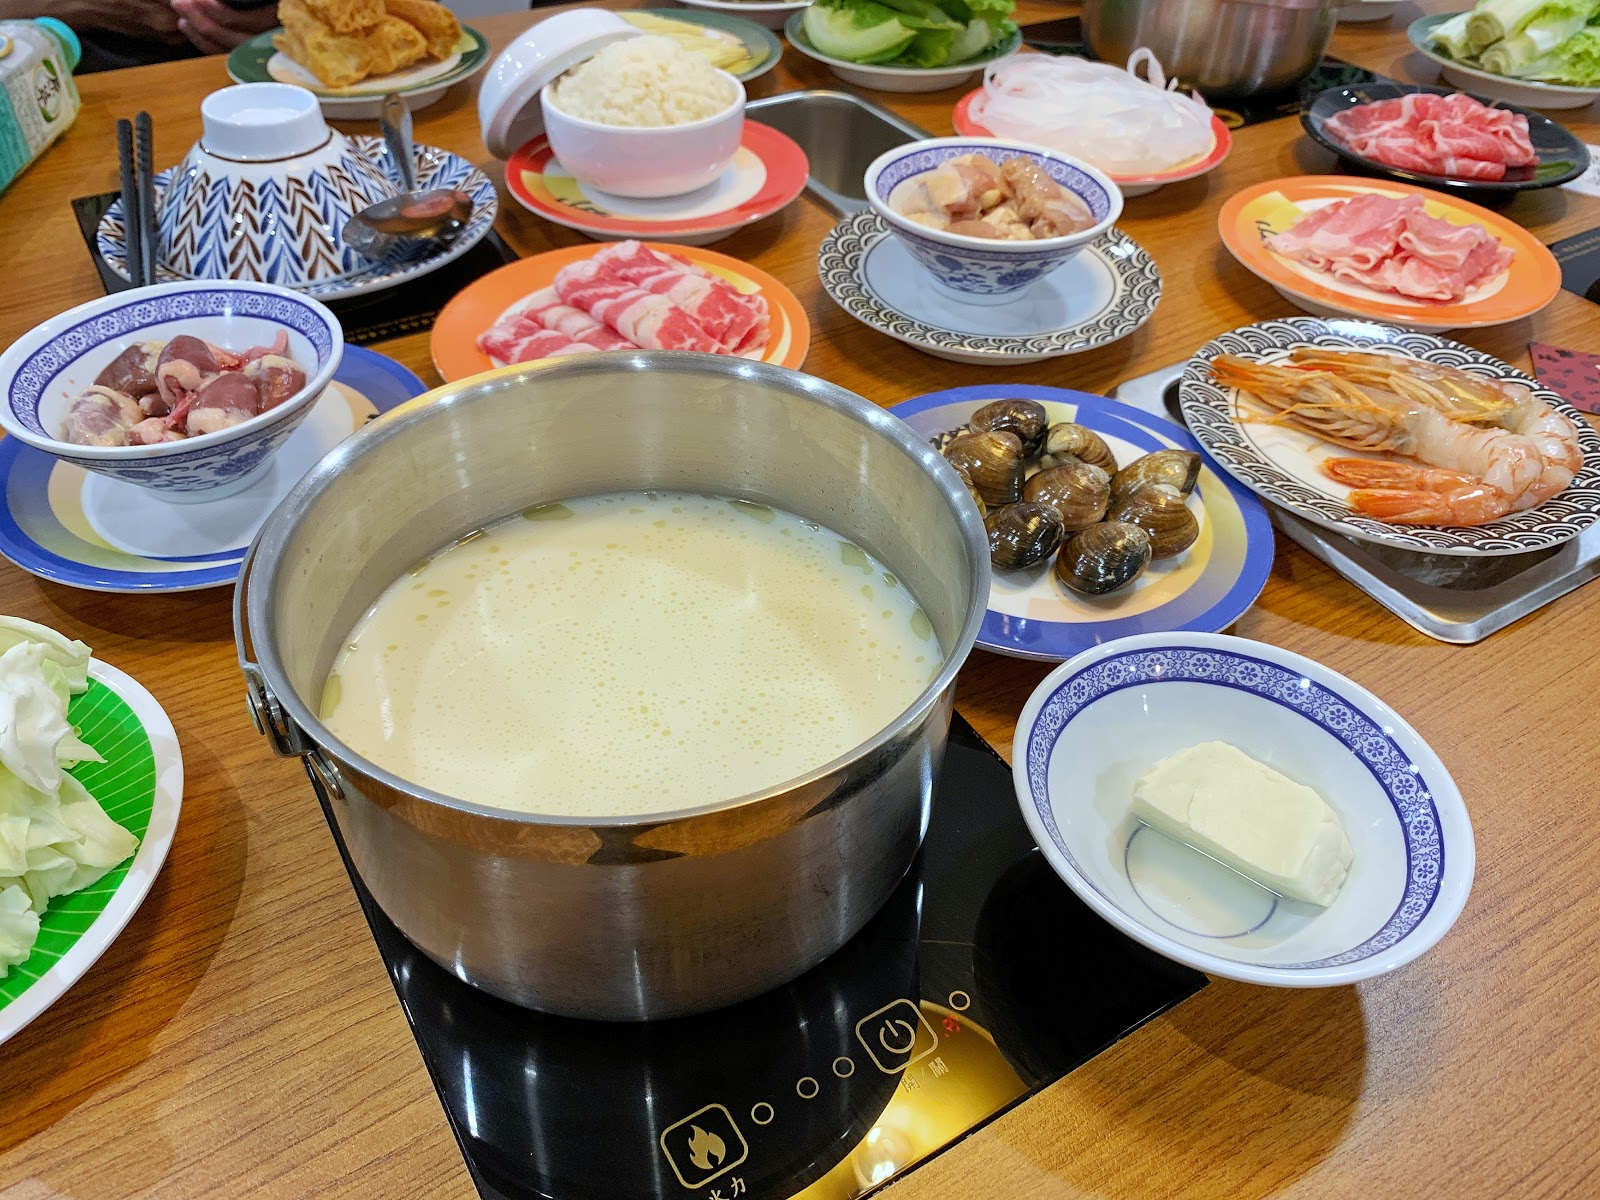 小XM迴轉麻辣鍋的香醇雪白牛奶鍋